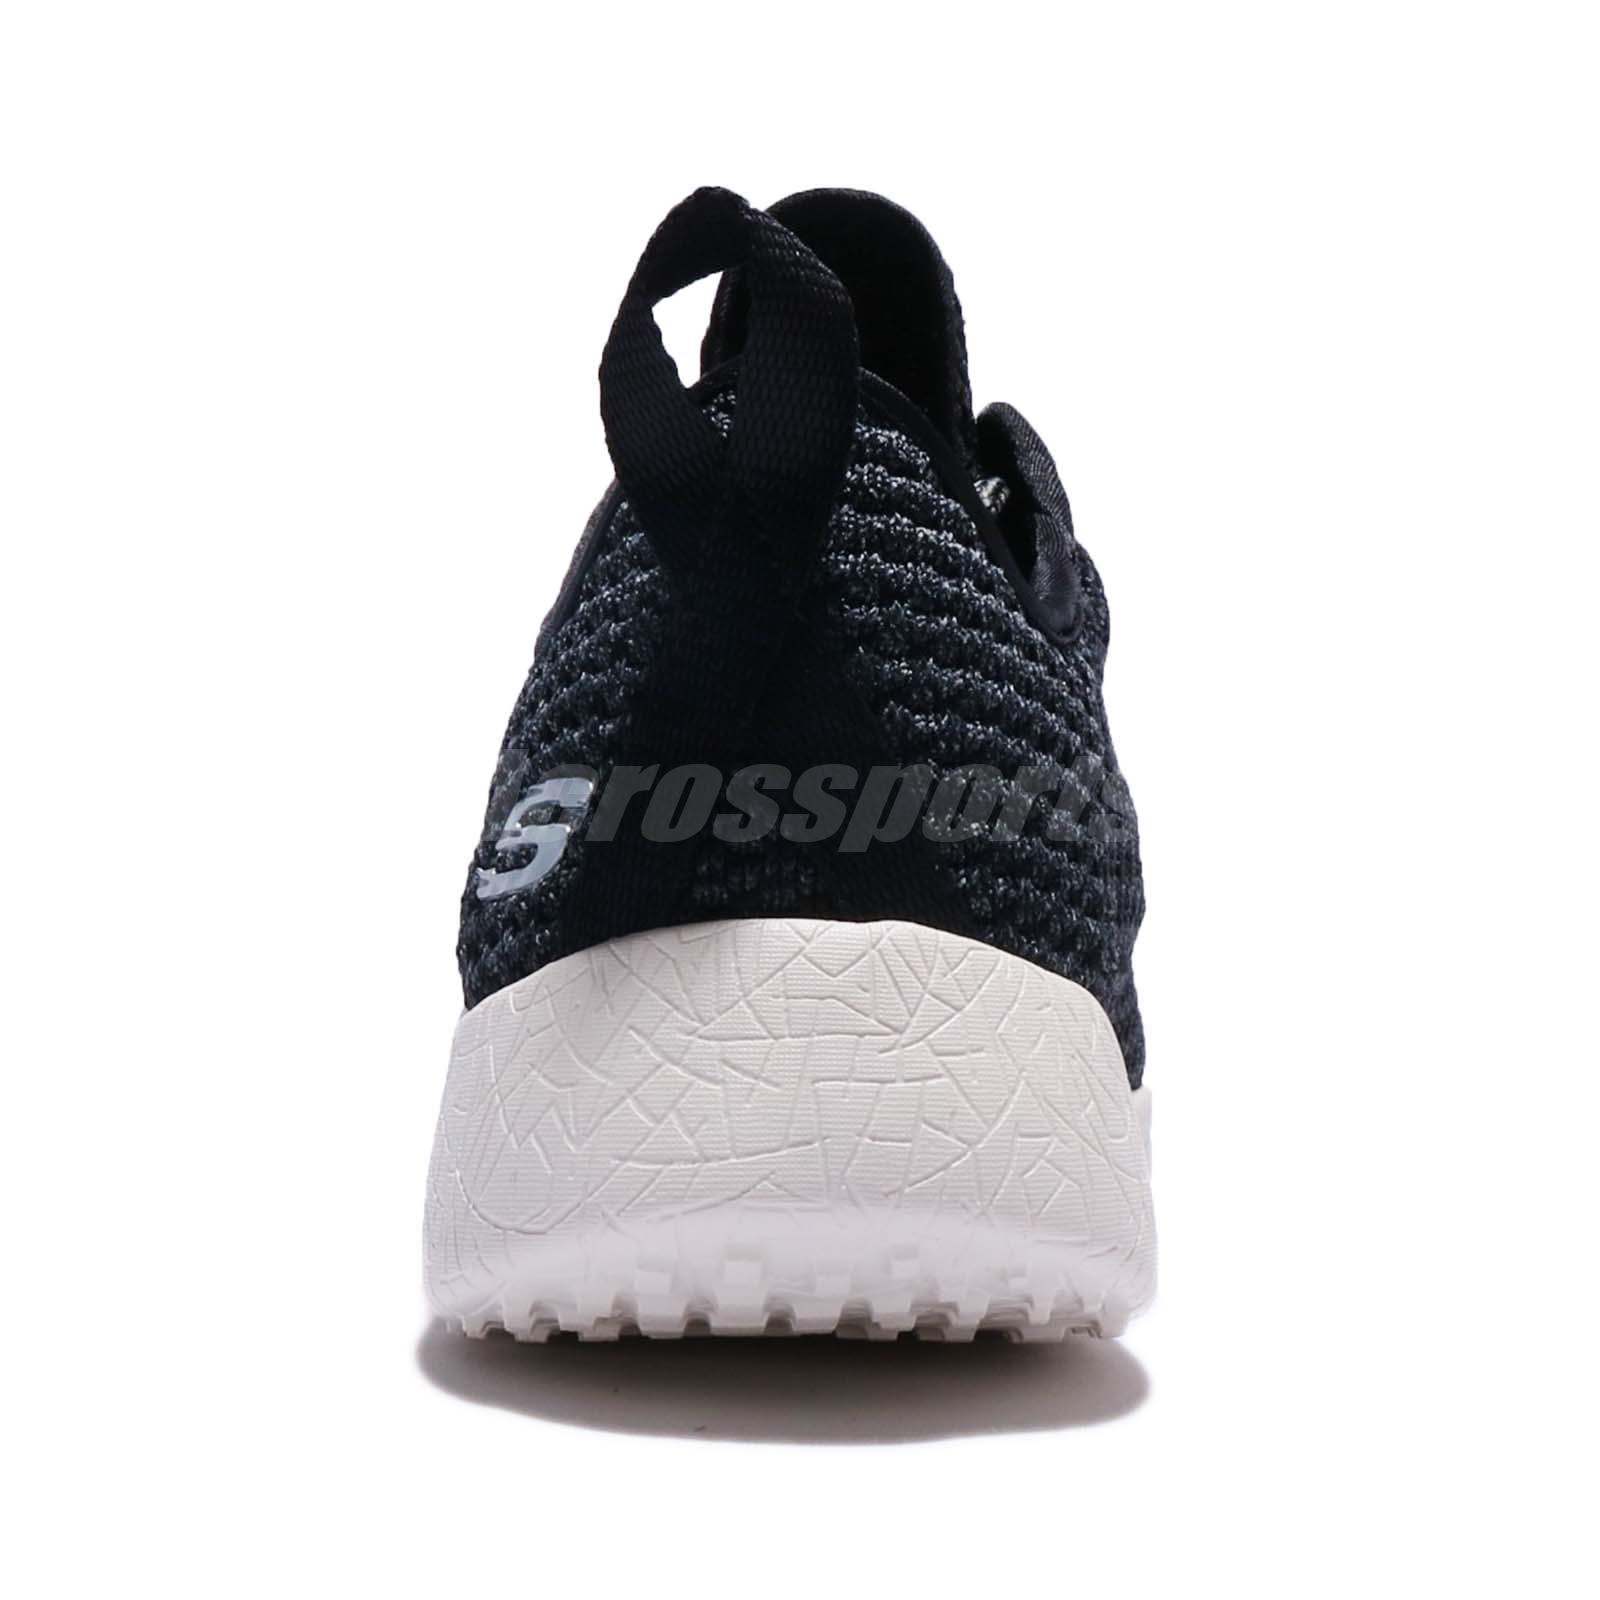 Skechers Enfriado Por Aire De Espuma De Memoria Para Mujer Zapatillas De Deporte S73gO8Gwl